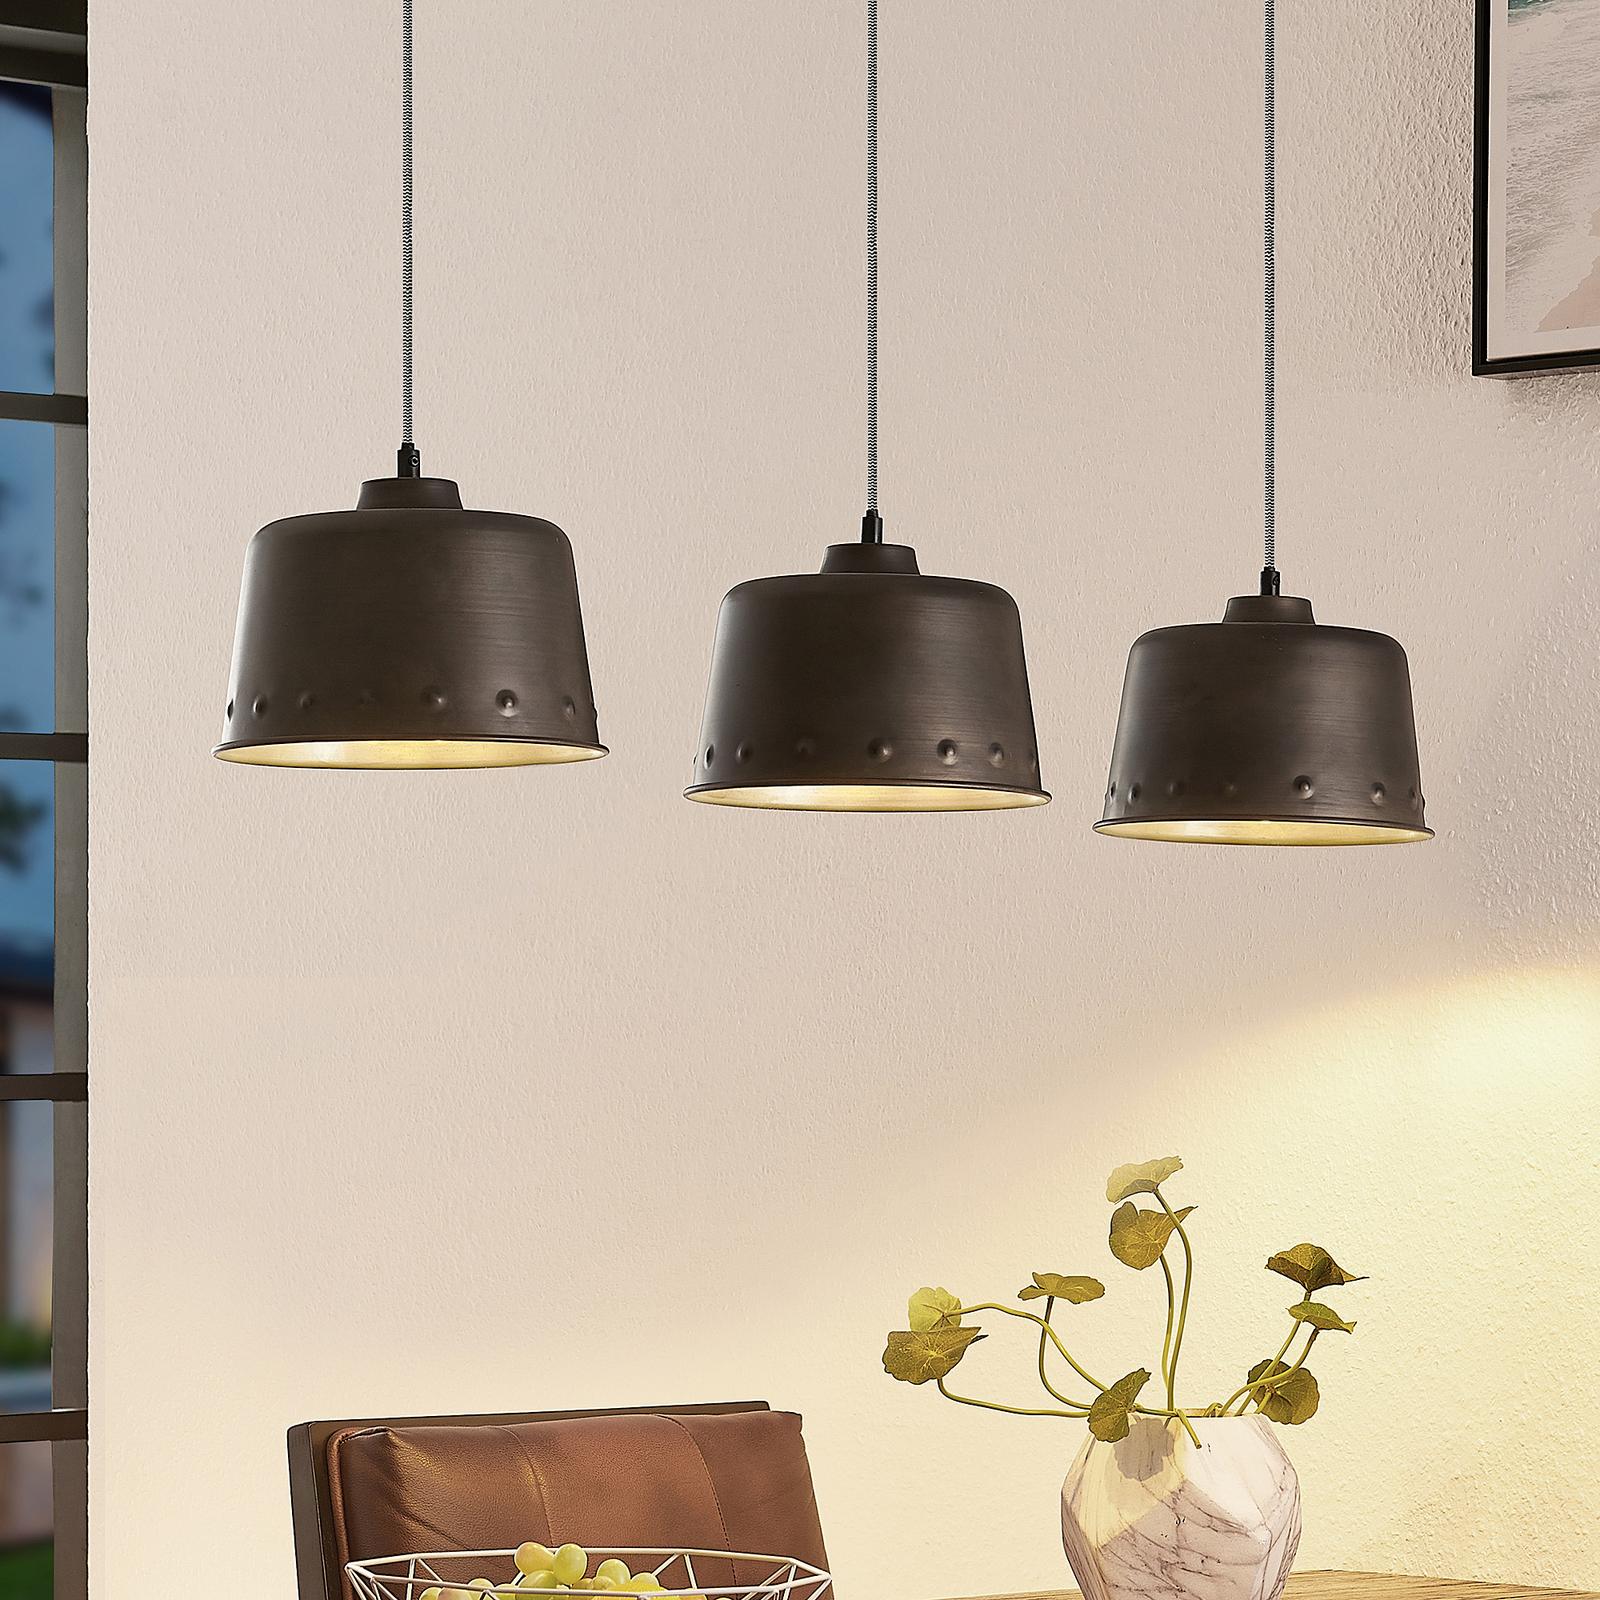 Lindby Rubinjo hængelampe, 3 lyskilder